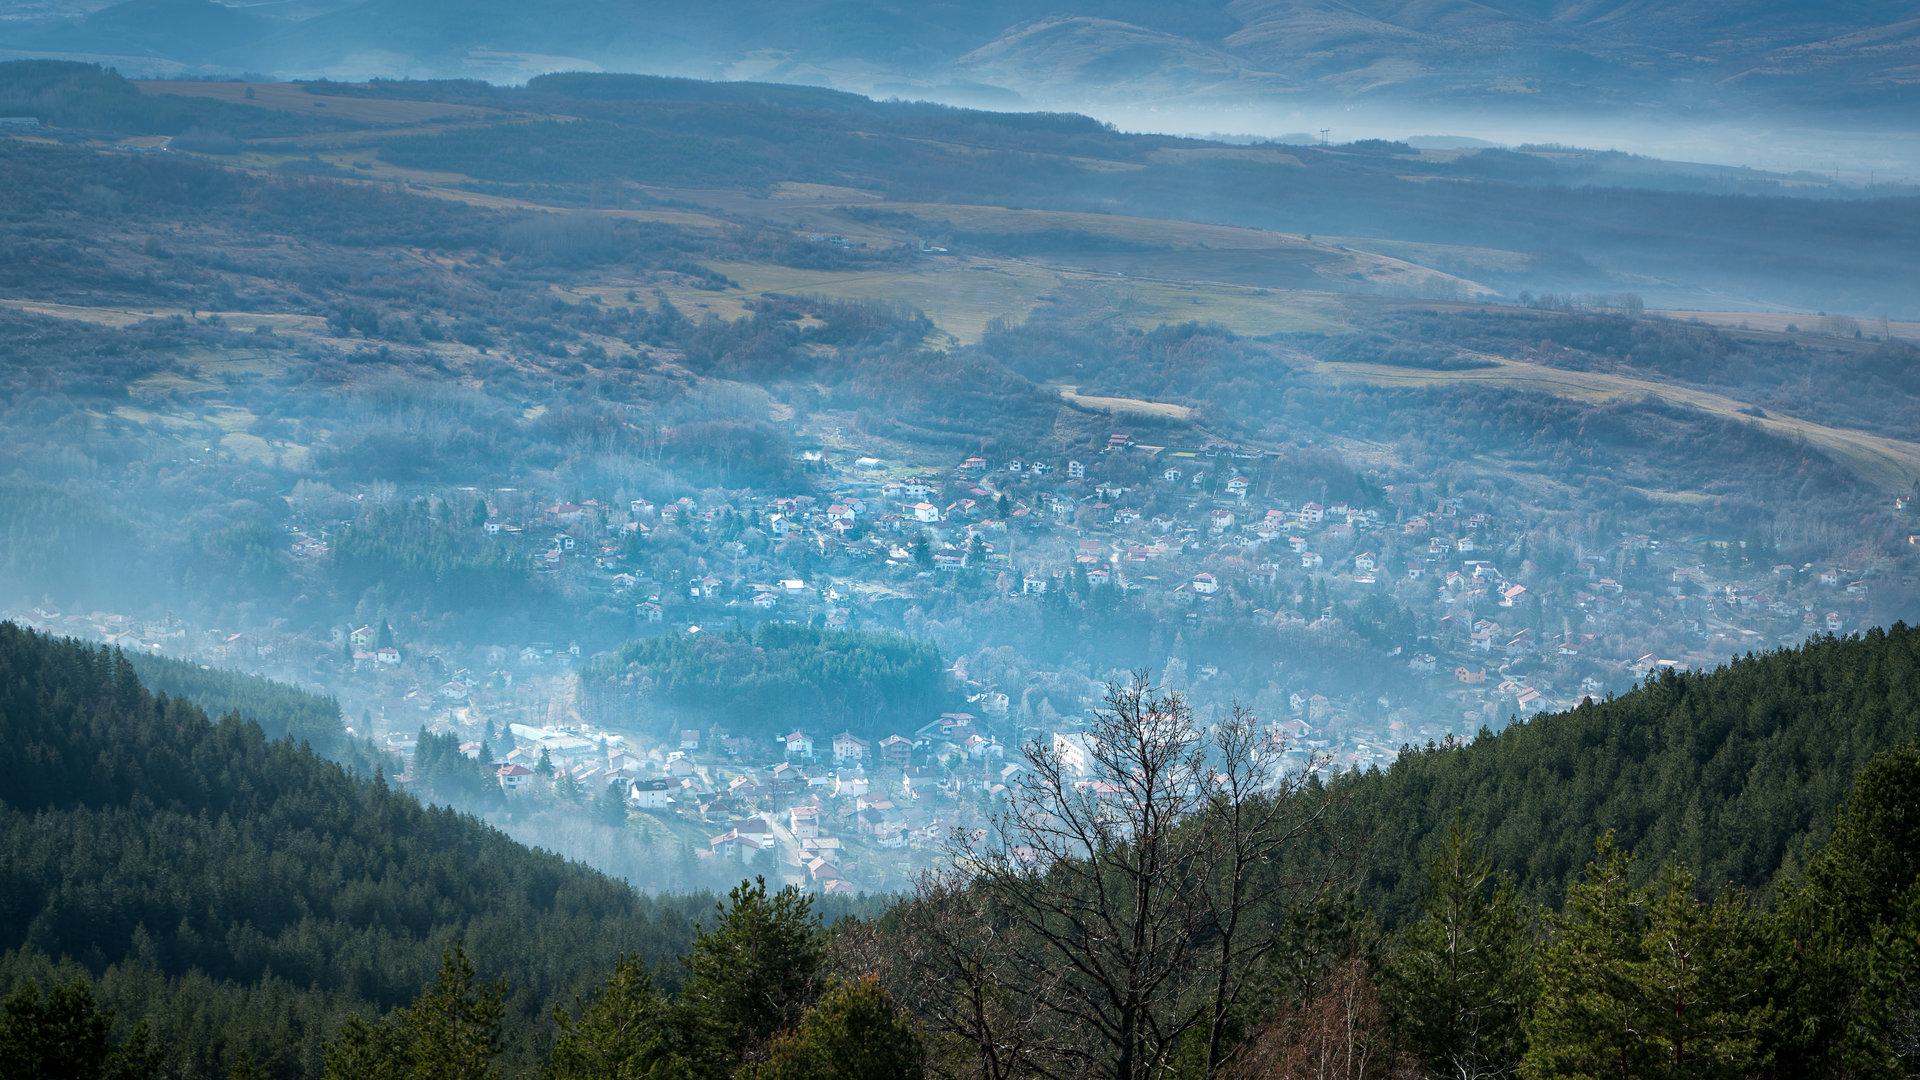 Photo in Landscape | Author Arian Shkaki - MrBean | PHOTO FORUM